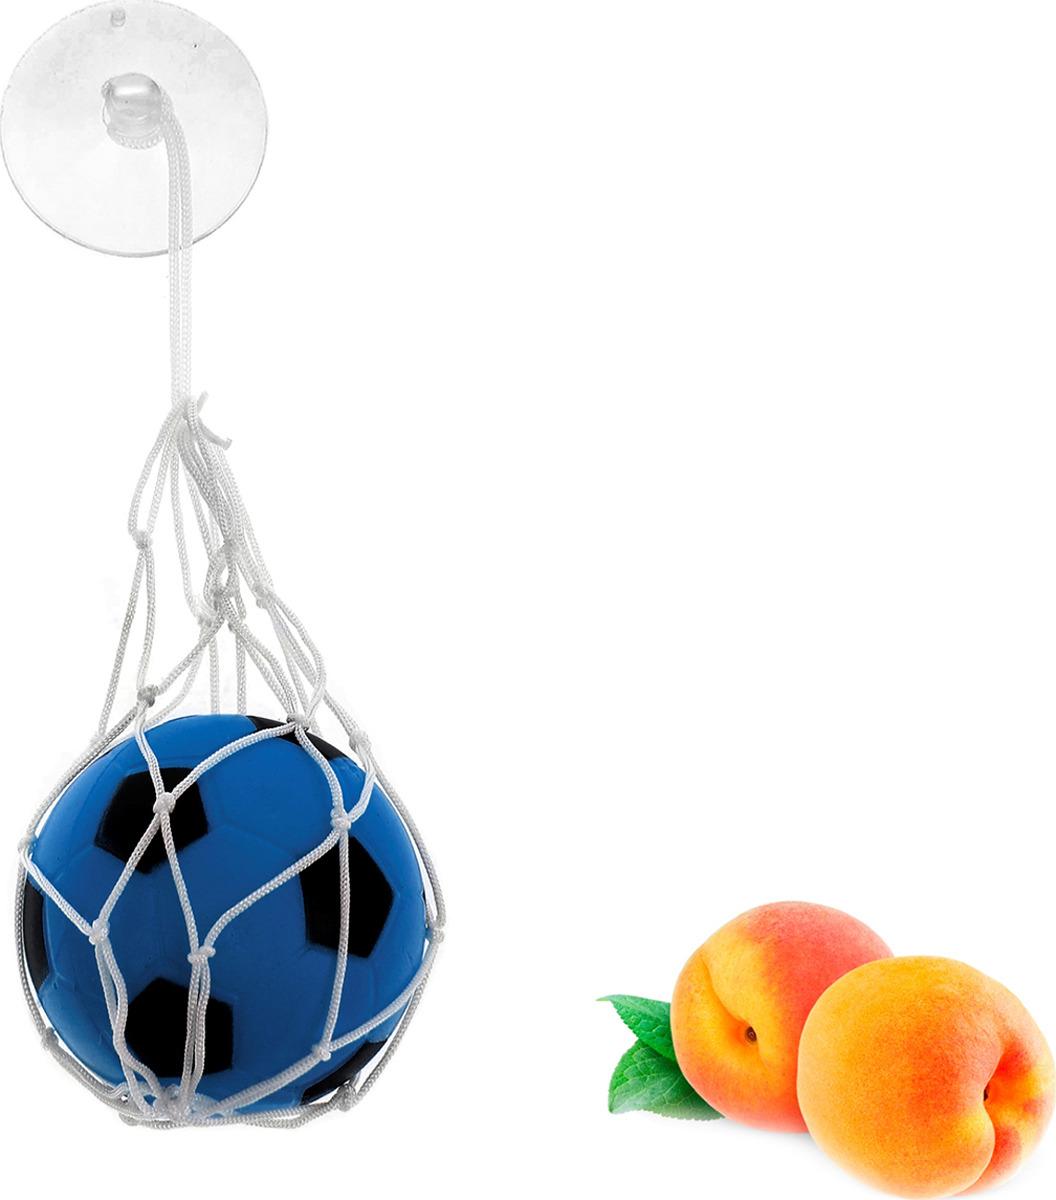 Ароматизатор автомобильный Luazon Футбольный мяч, персик, под сиденье, 805475, синий гирлянда luazon метраж футбольный мяч 5m ed 20 220v white 2433914